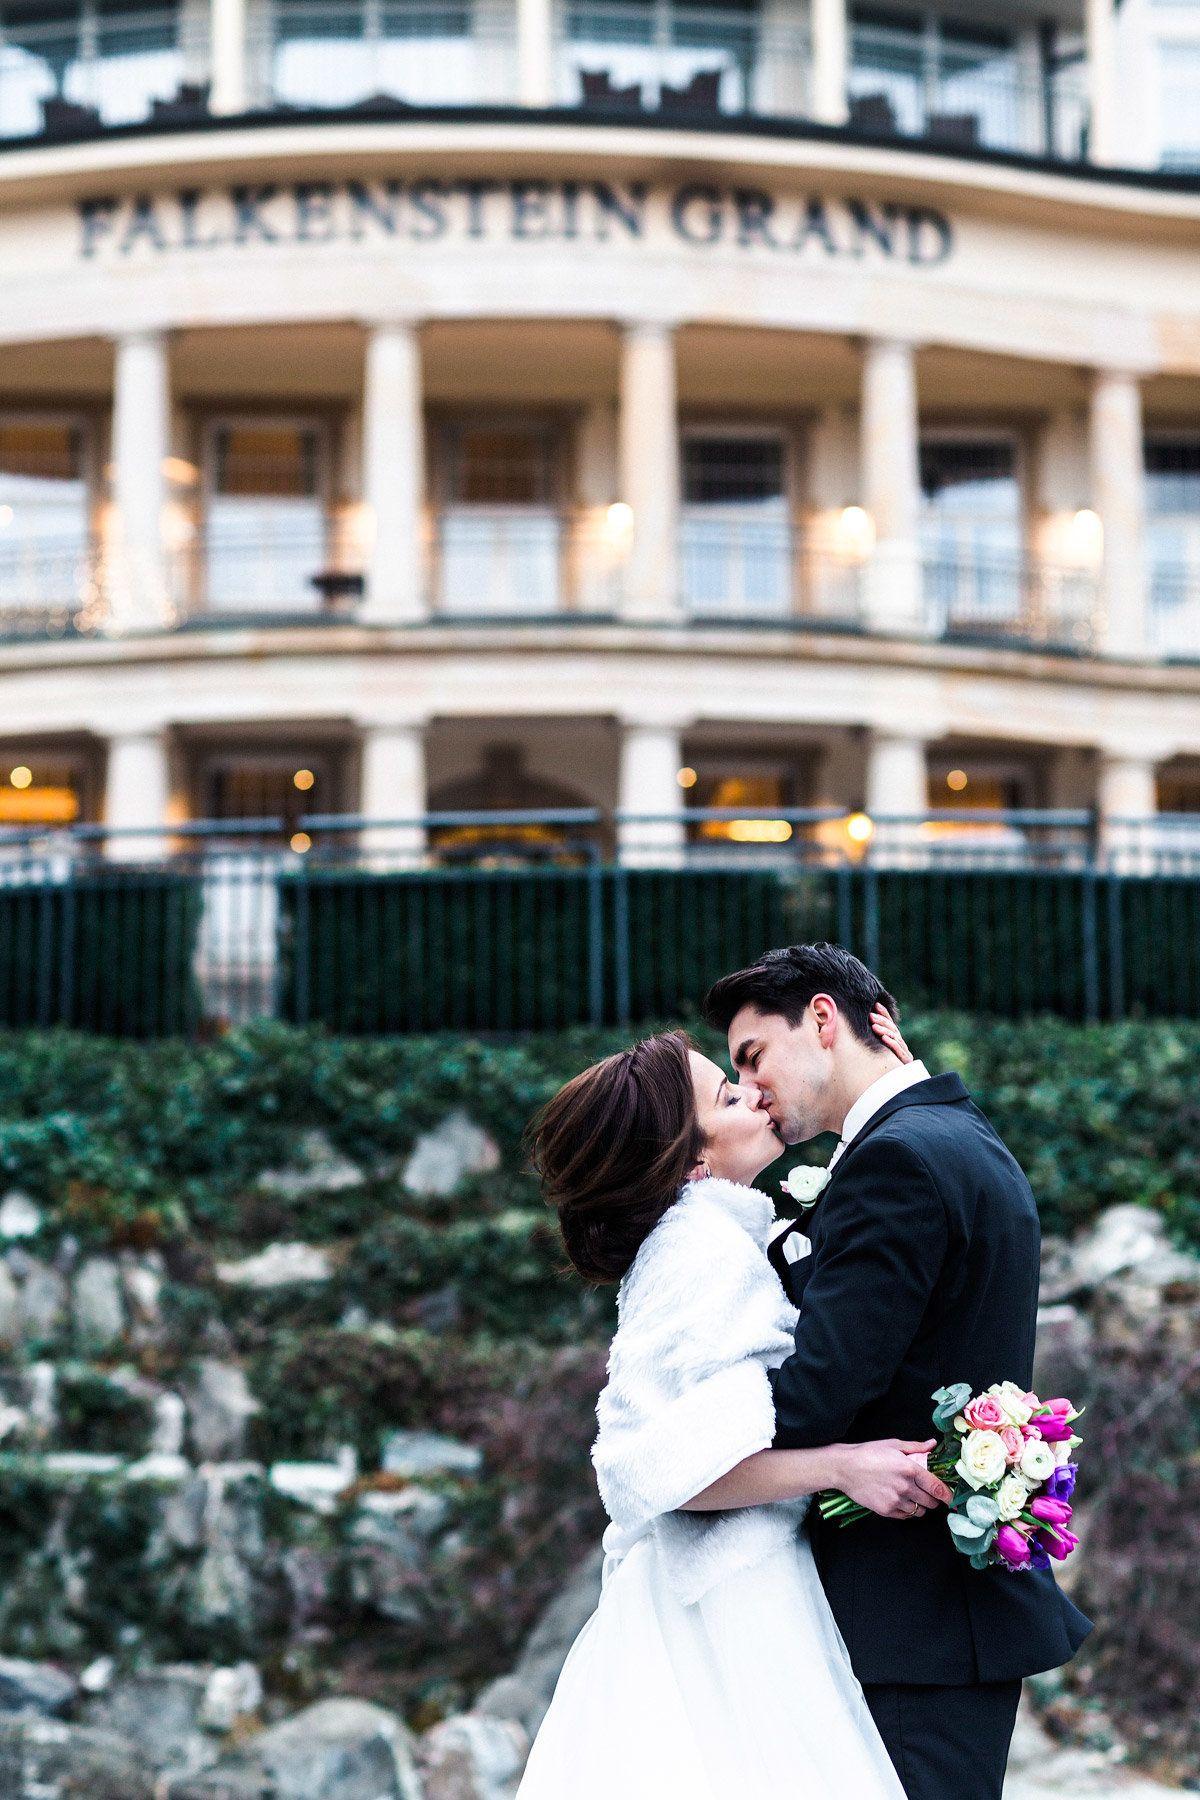 Charmant New York Thema Hochzeit Ideen Galerie - Brautkleider Ideen ...